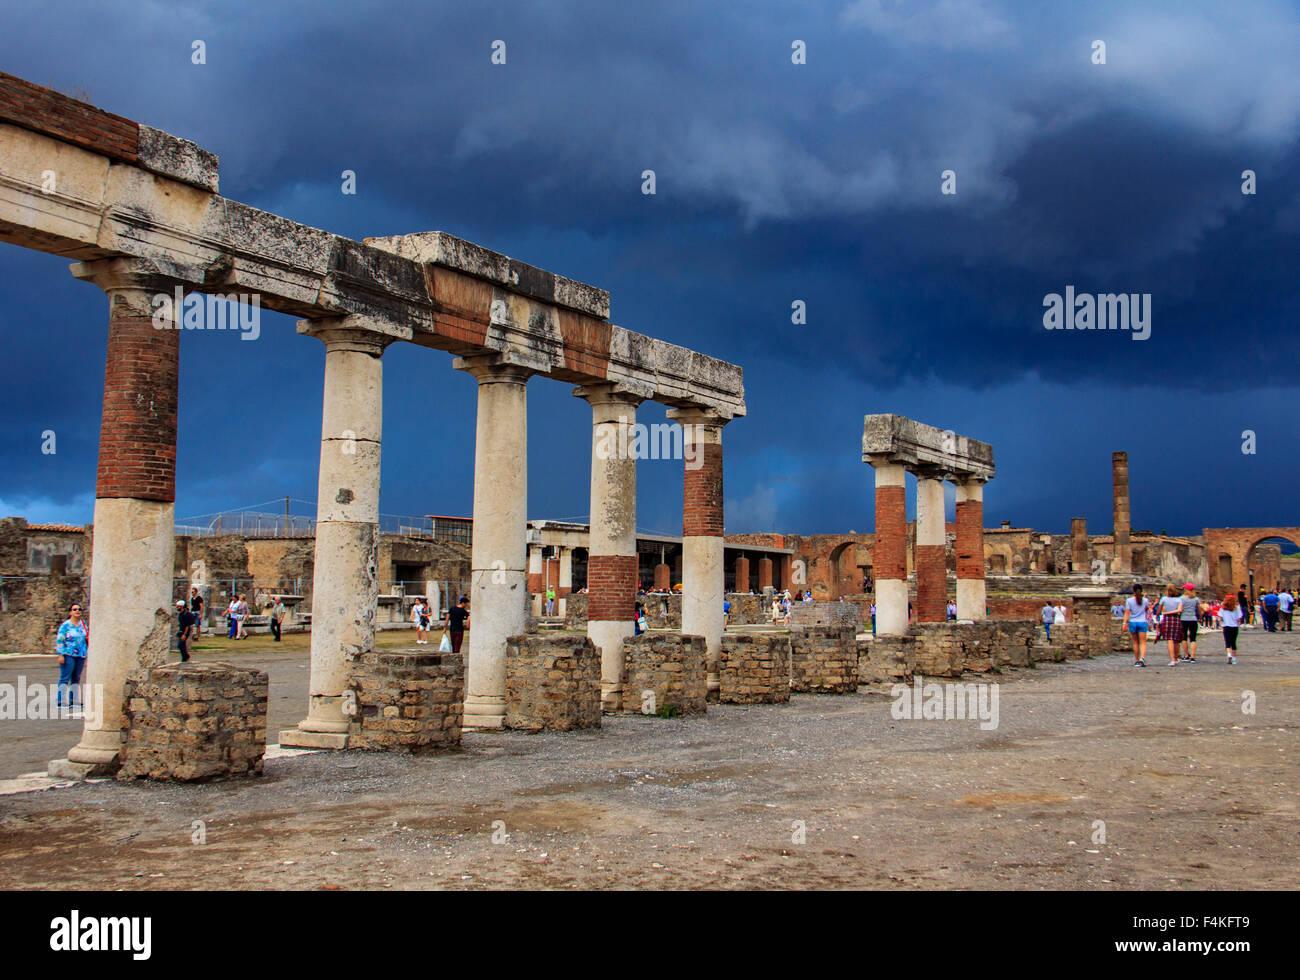 Ruines de l'antique Pompéi sous ciel d'orage. Photo Stock